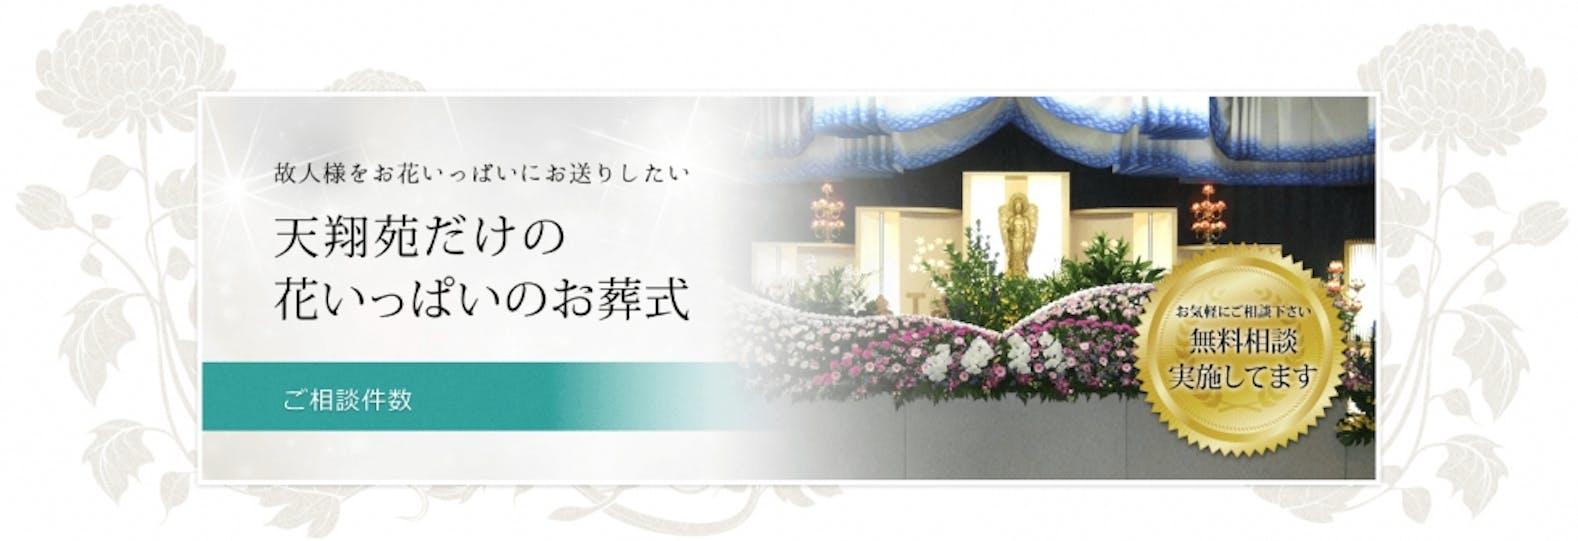 磯浜葬祭 天翔苑